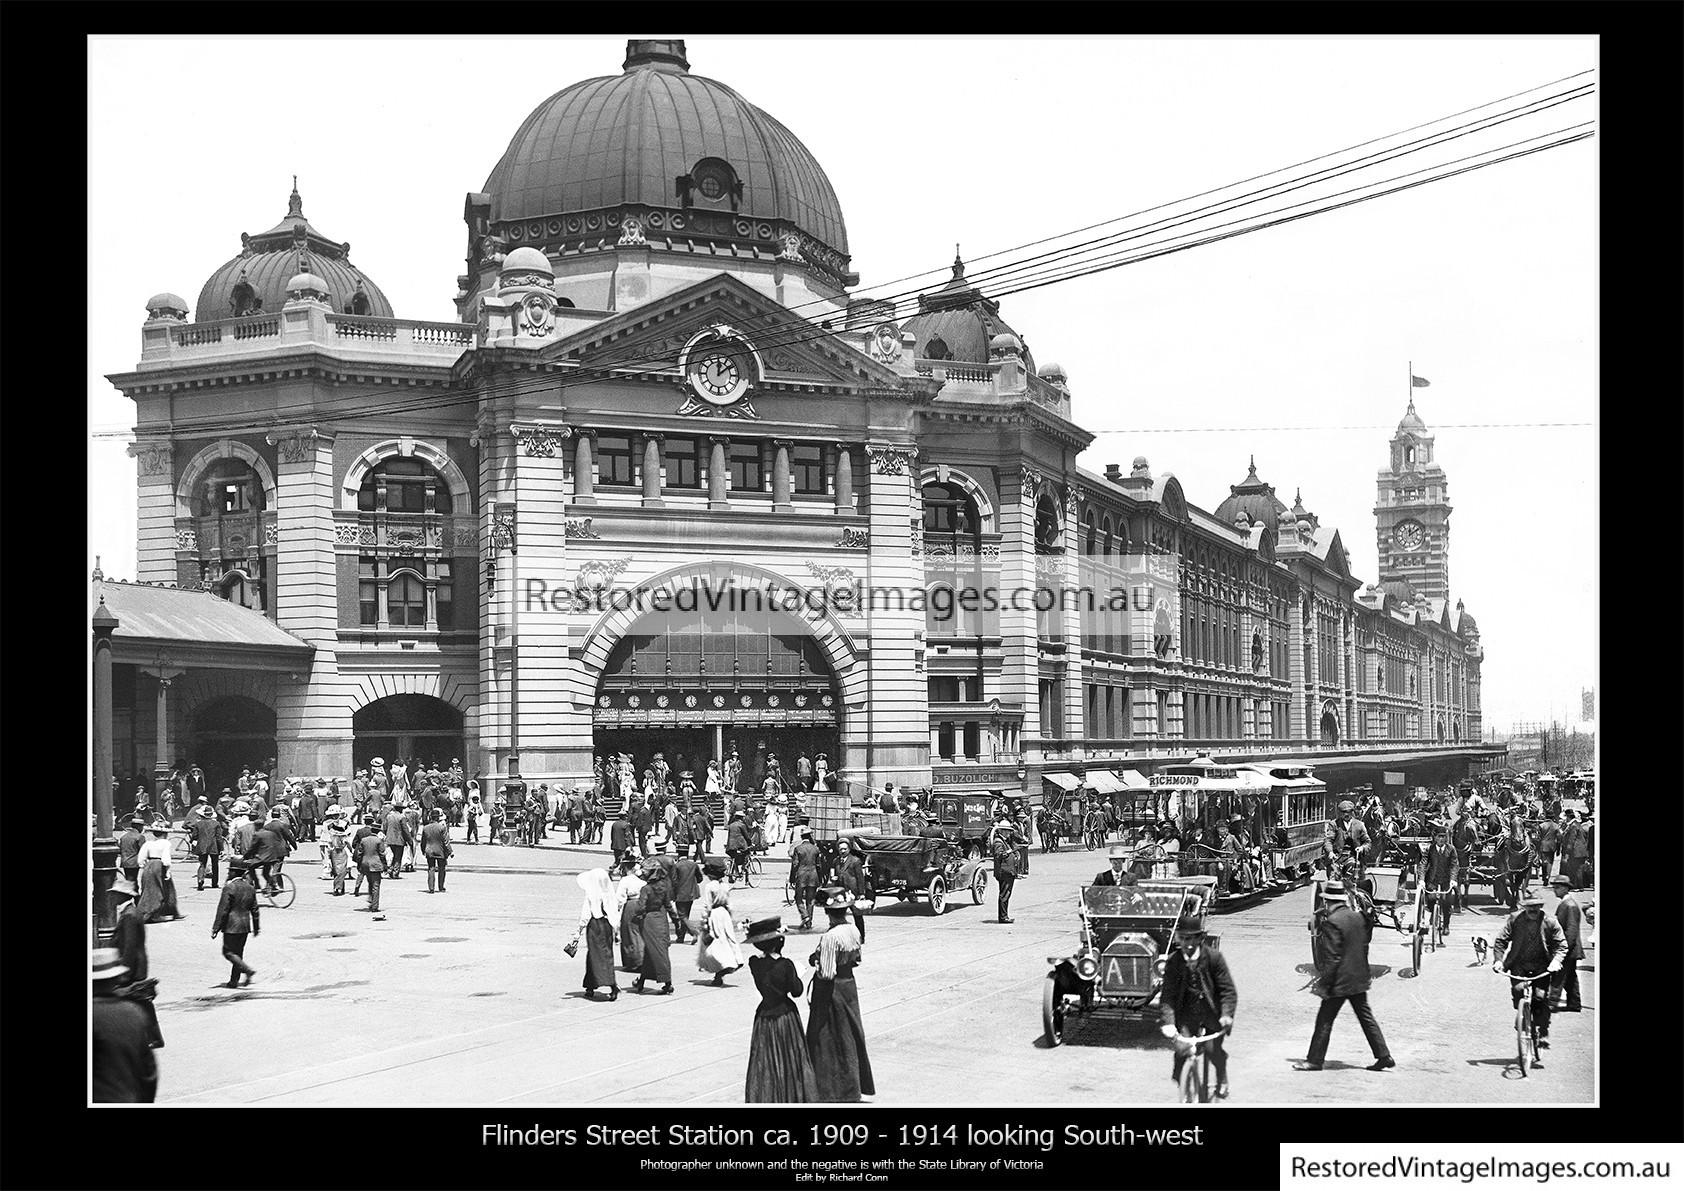 Flinders Street Station ca. 1909 to 1914